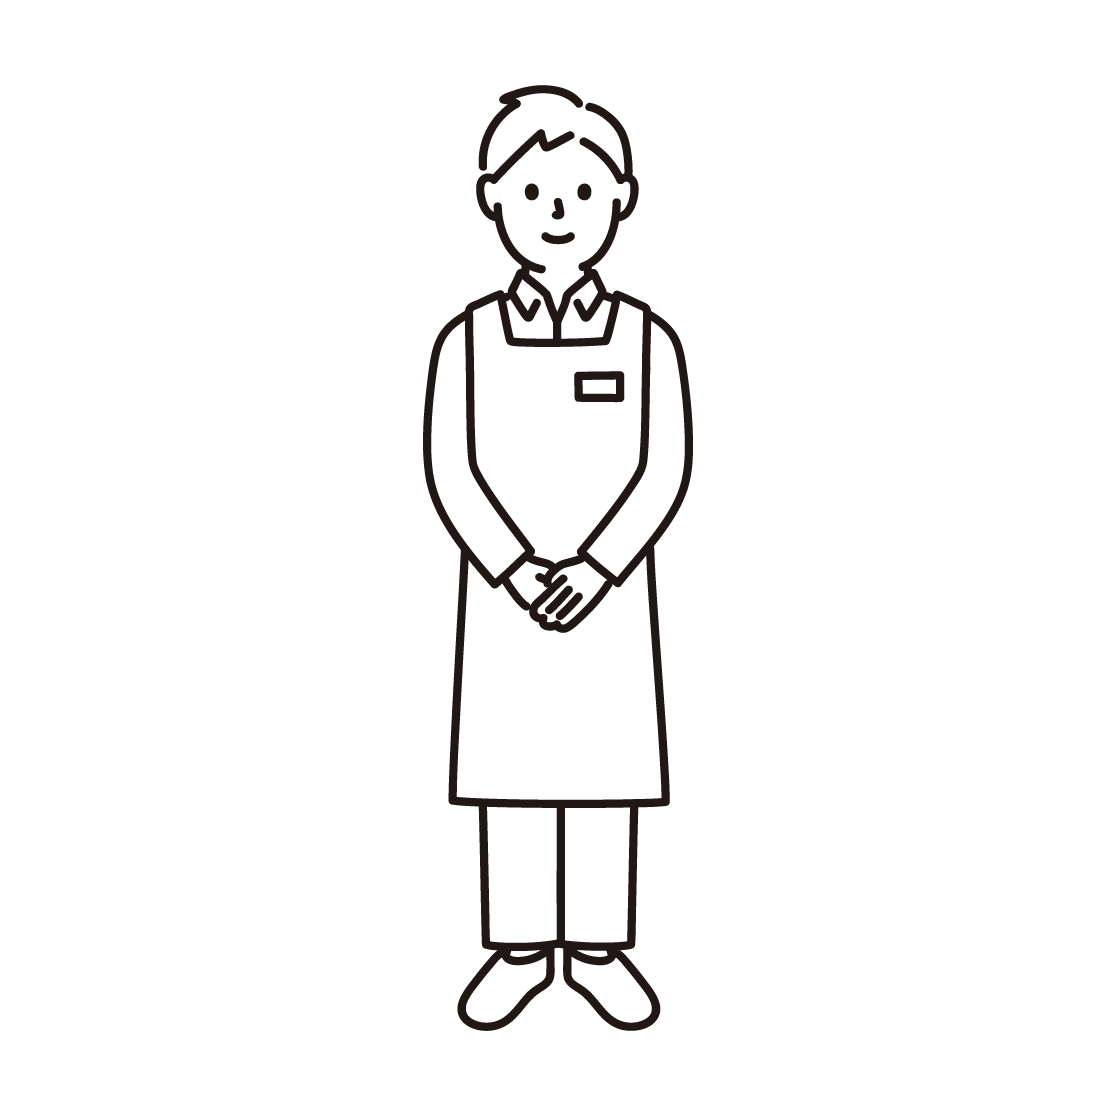 スーパーの店員(男性)の線画イラスト